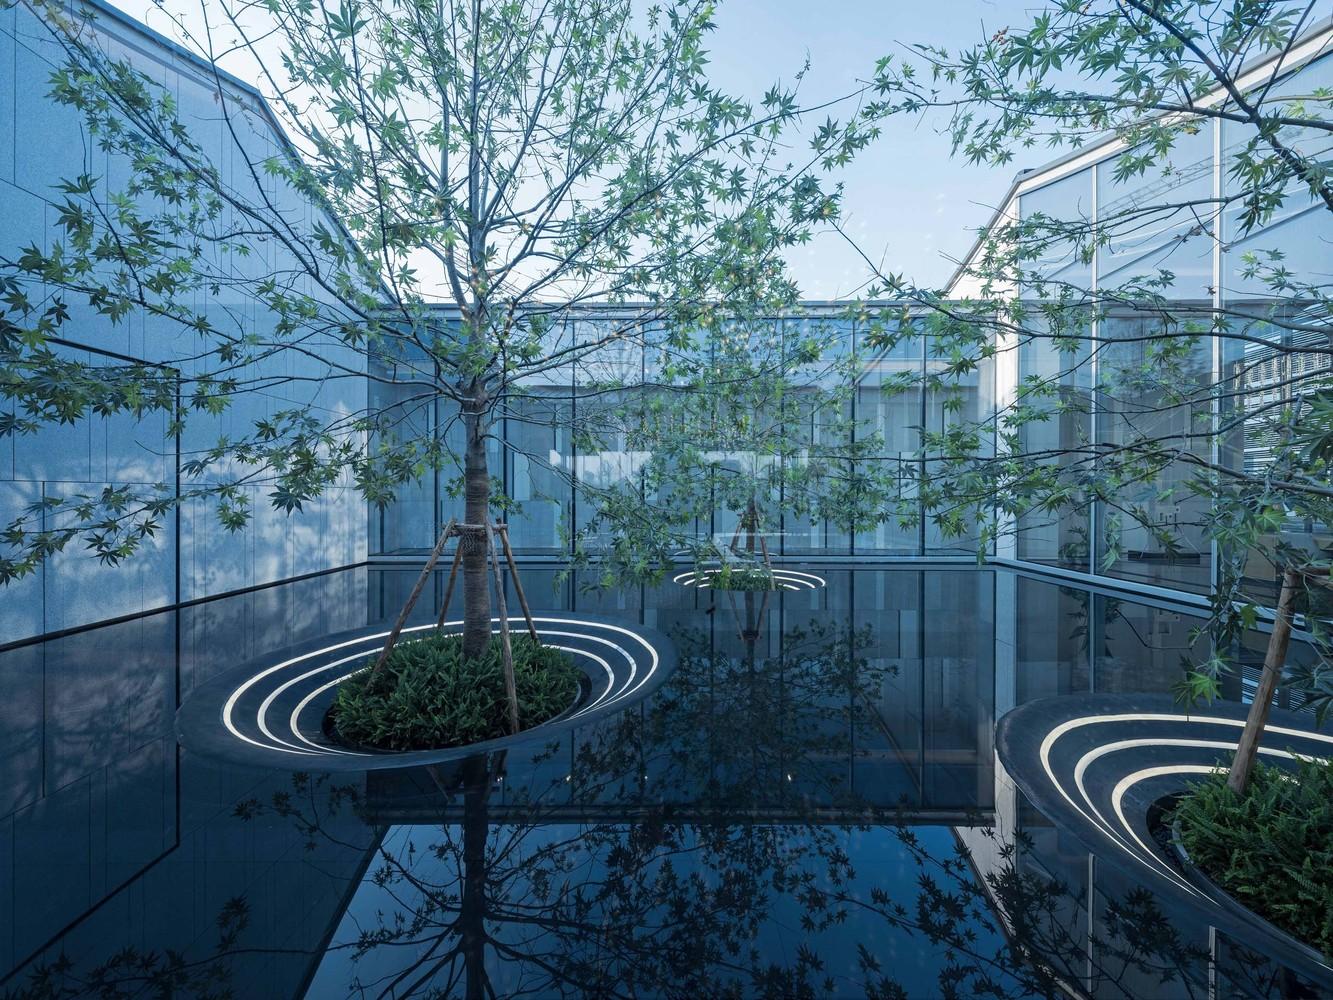 حیاط خلوتی غوطه ور در آب؛ نگاهی به طراحی حیاط خلوت مفهومی ساختمان Jiangnan